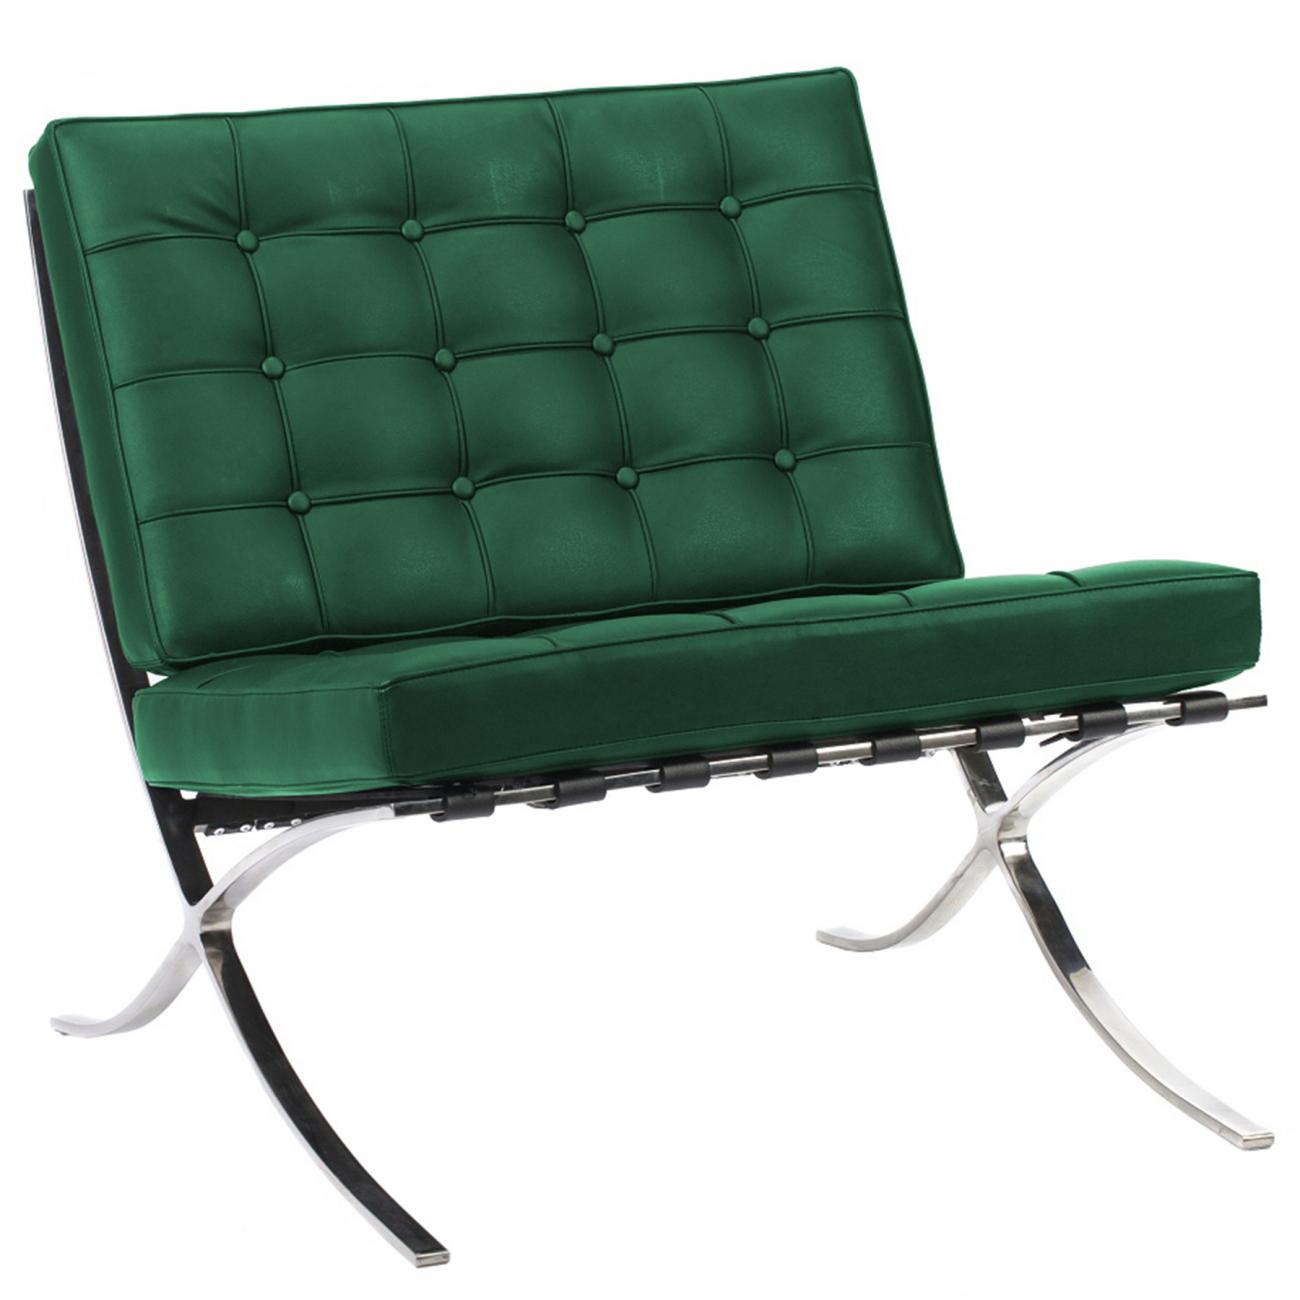 Купить Кресло Barcelona Chair Зелёная Кожа Класса Премиум в интернет магазине дизайнерской мебели и аксессуаров для дома и дачи